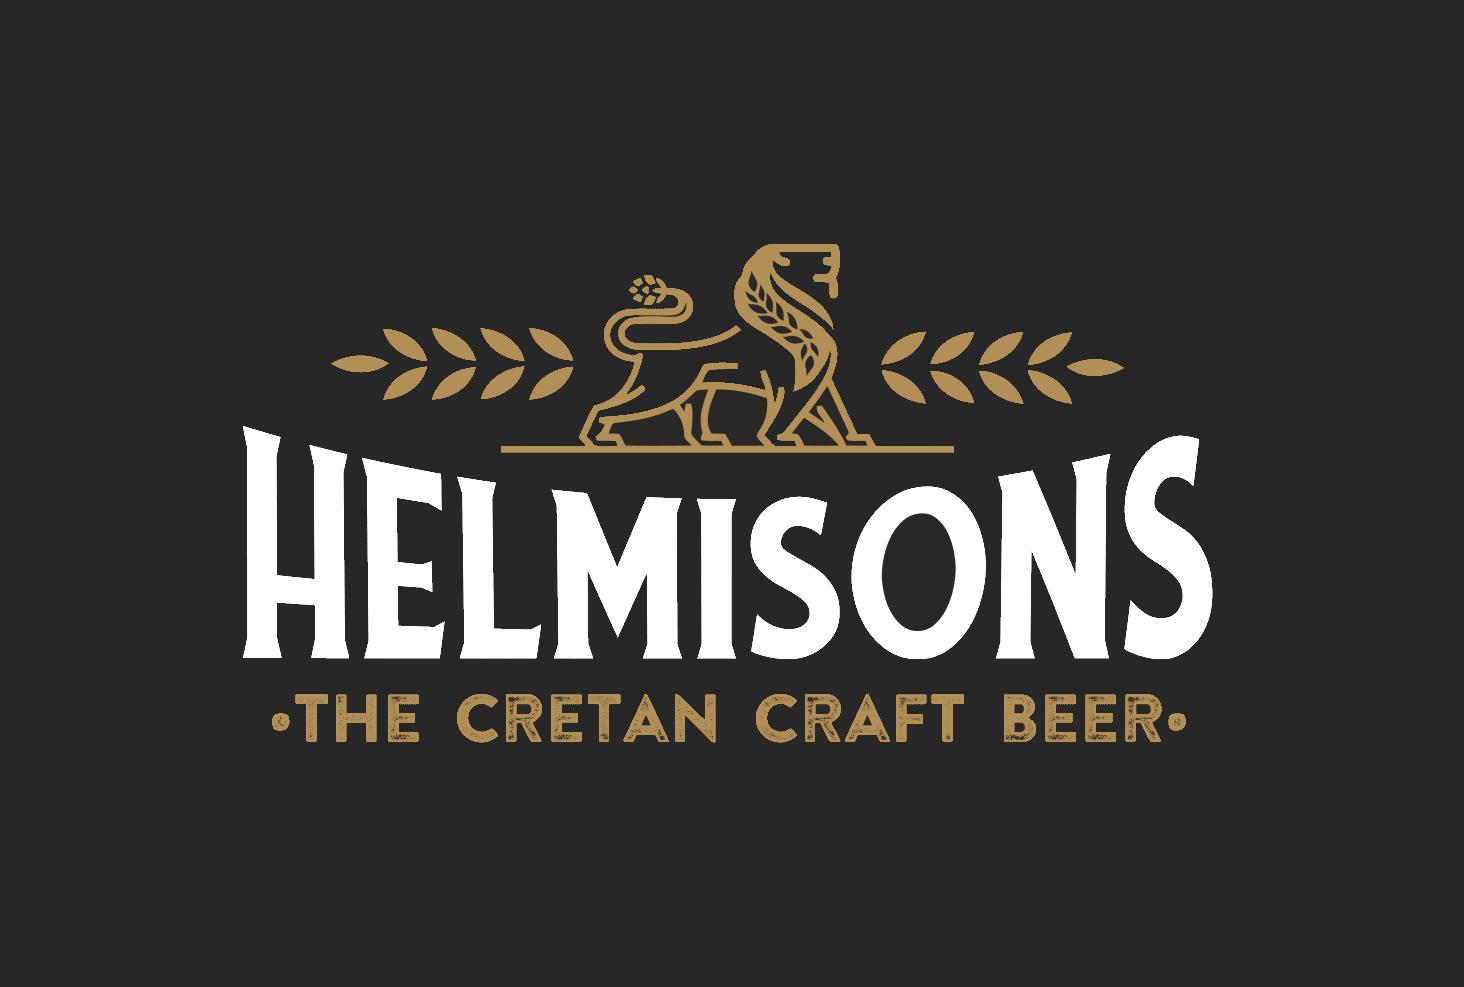 Helmisons